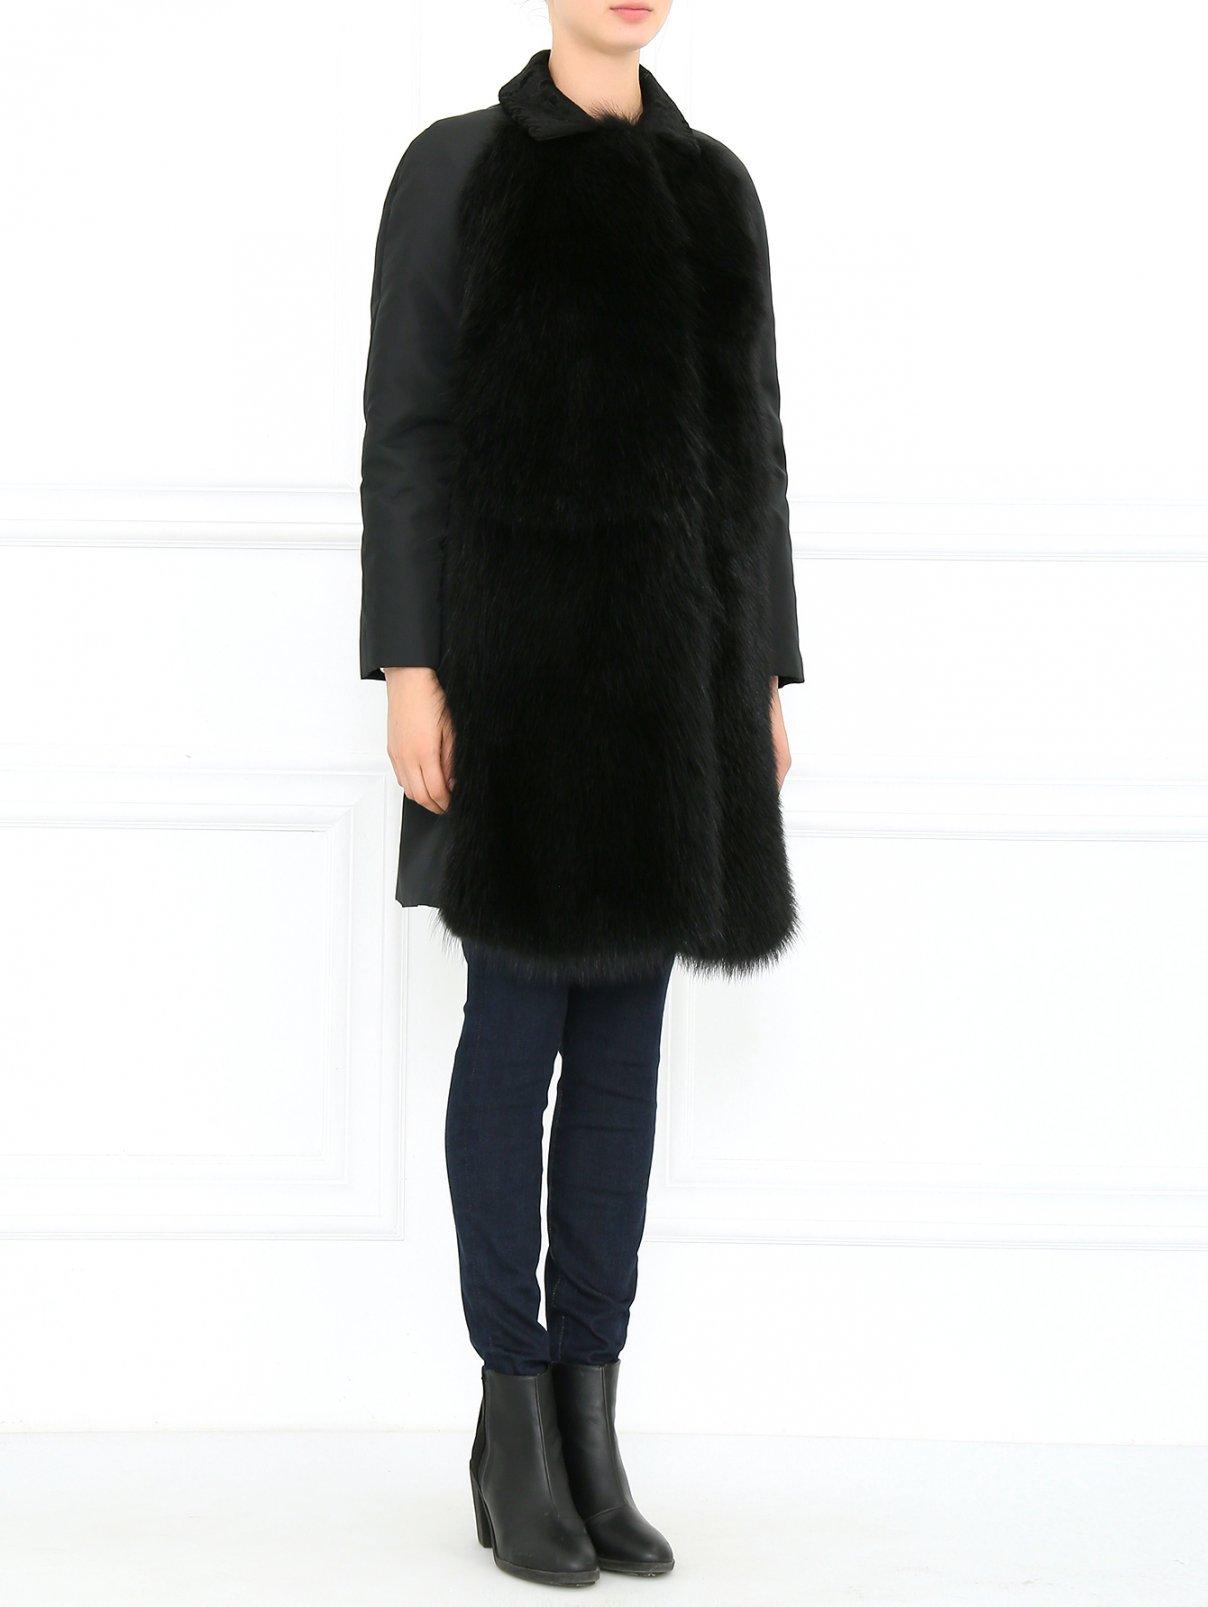 Пальто с отделкой из меха енота Giambattista Valli  –  Модель Общий вид  – Цвет:  Черный